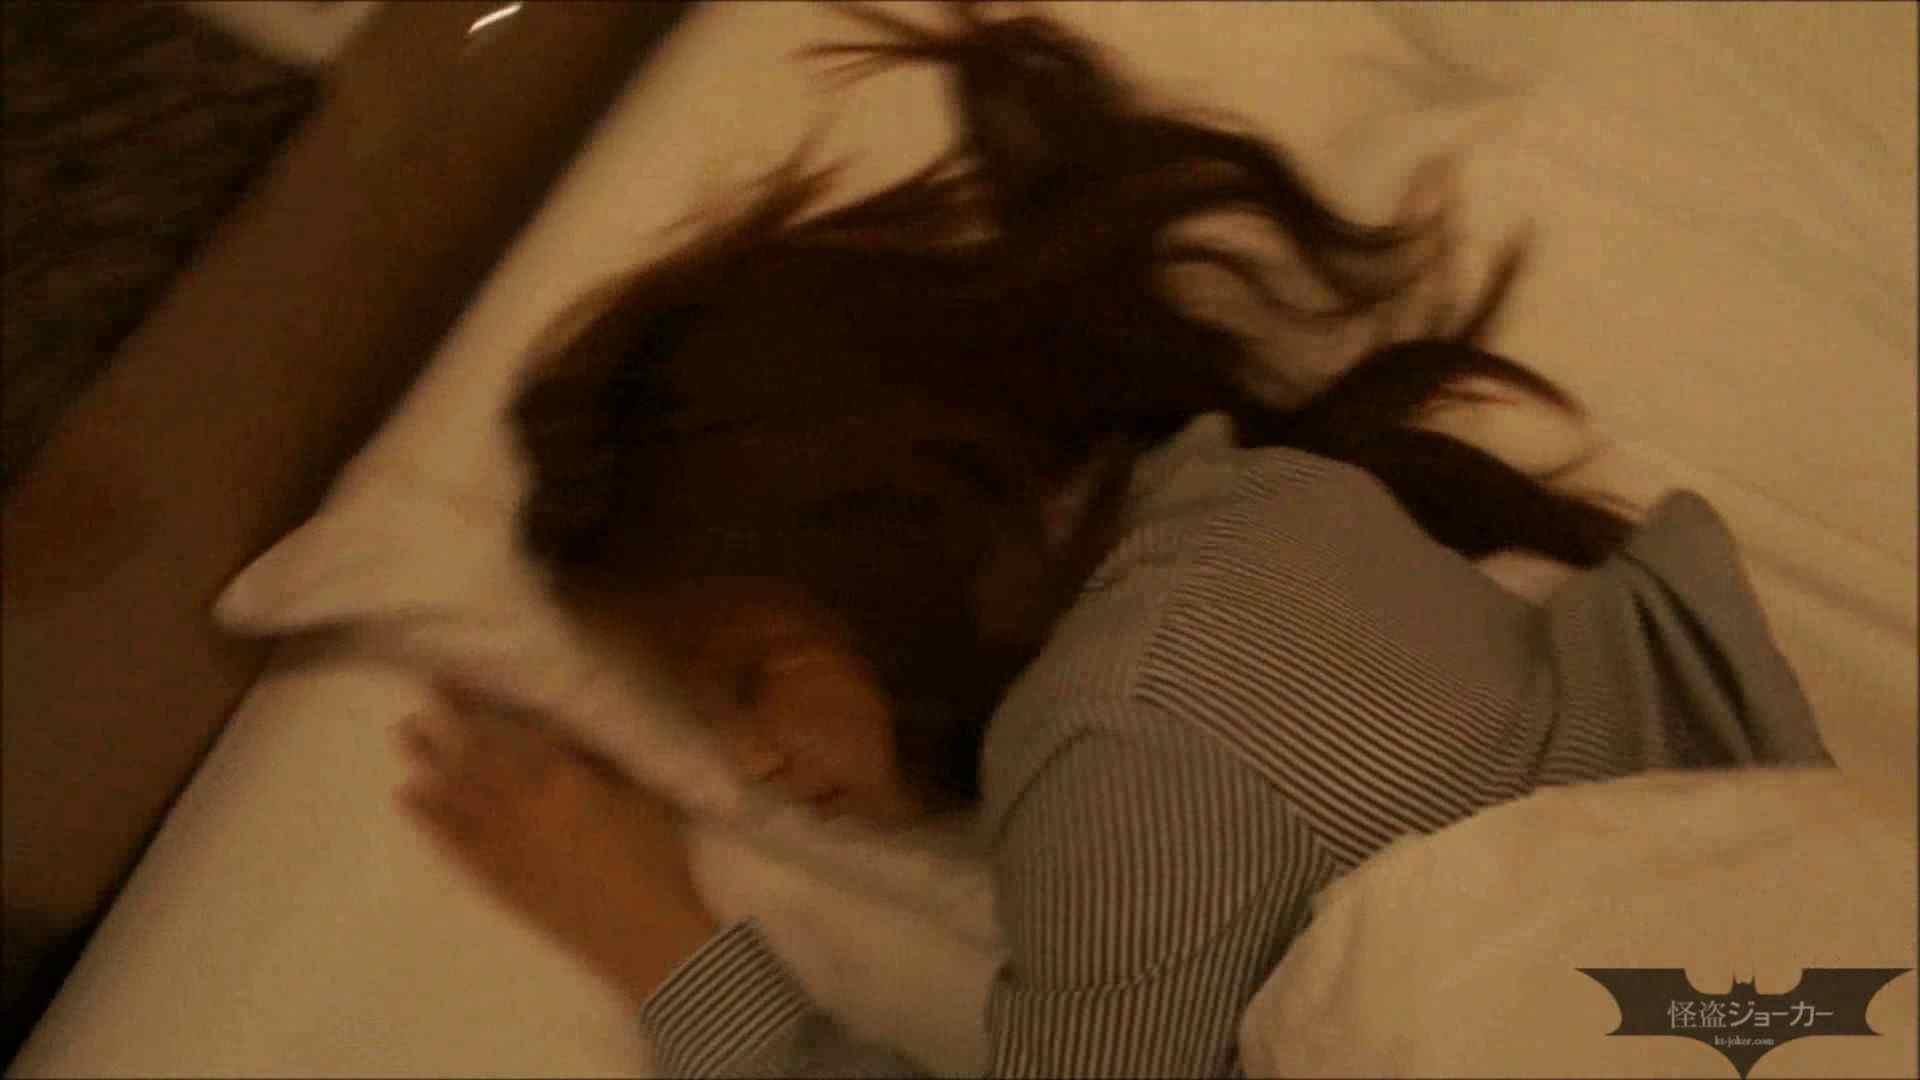 【未公開】vol.19 セレブ美魔女・仕事帰りに口淫、膣内射精、滴り落ちる精液。 OLの実態 | 0  45pic 23